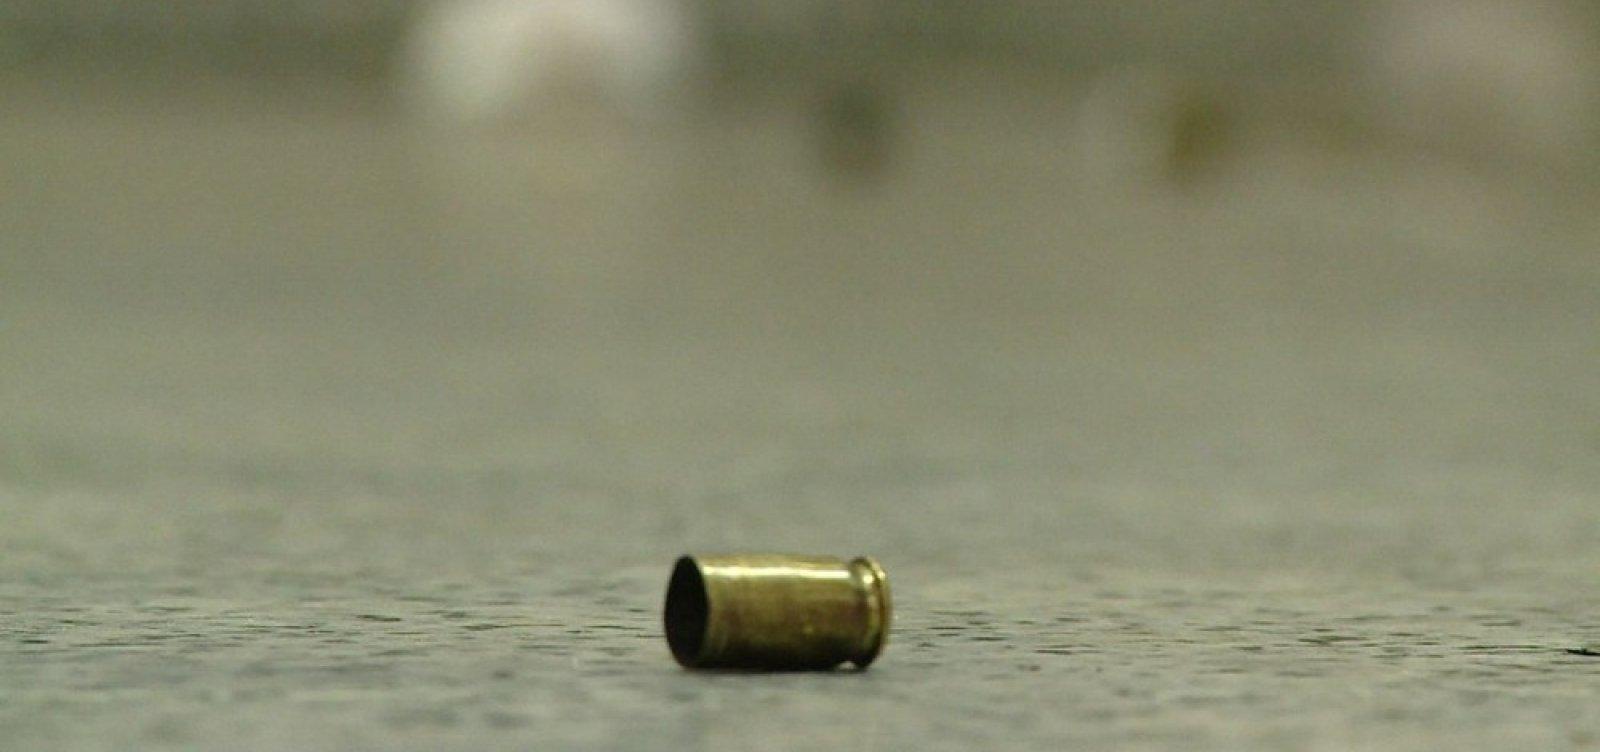 [Bahia é o estado com maior quantidade de mortes violentas em 2019]